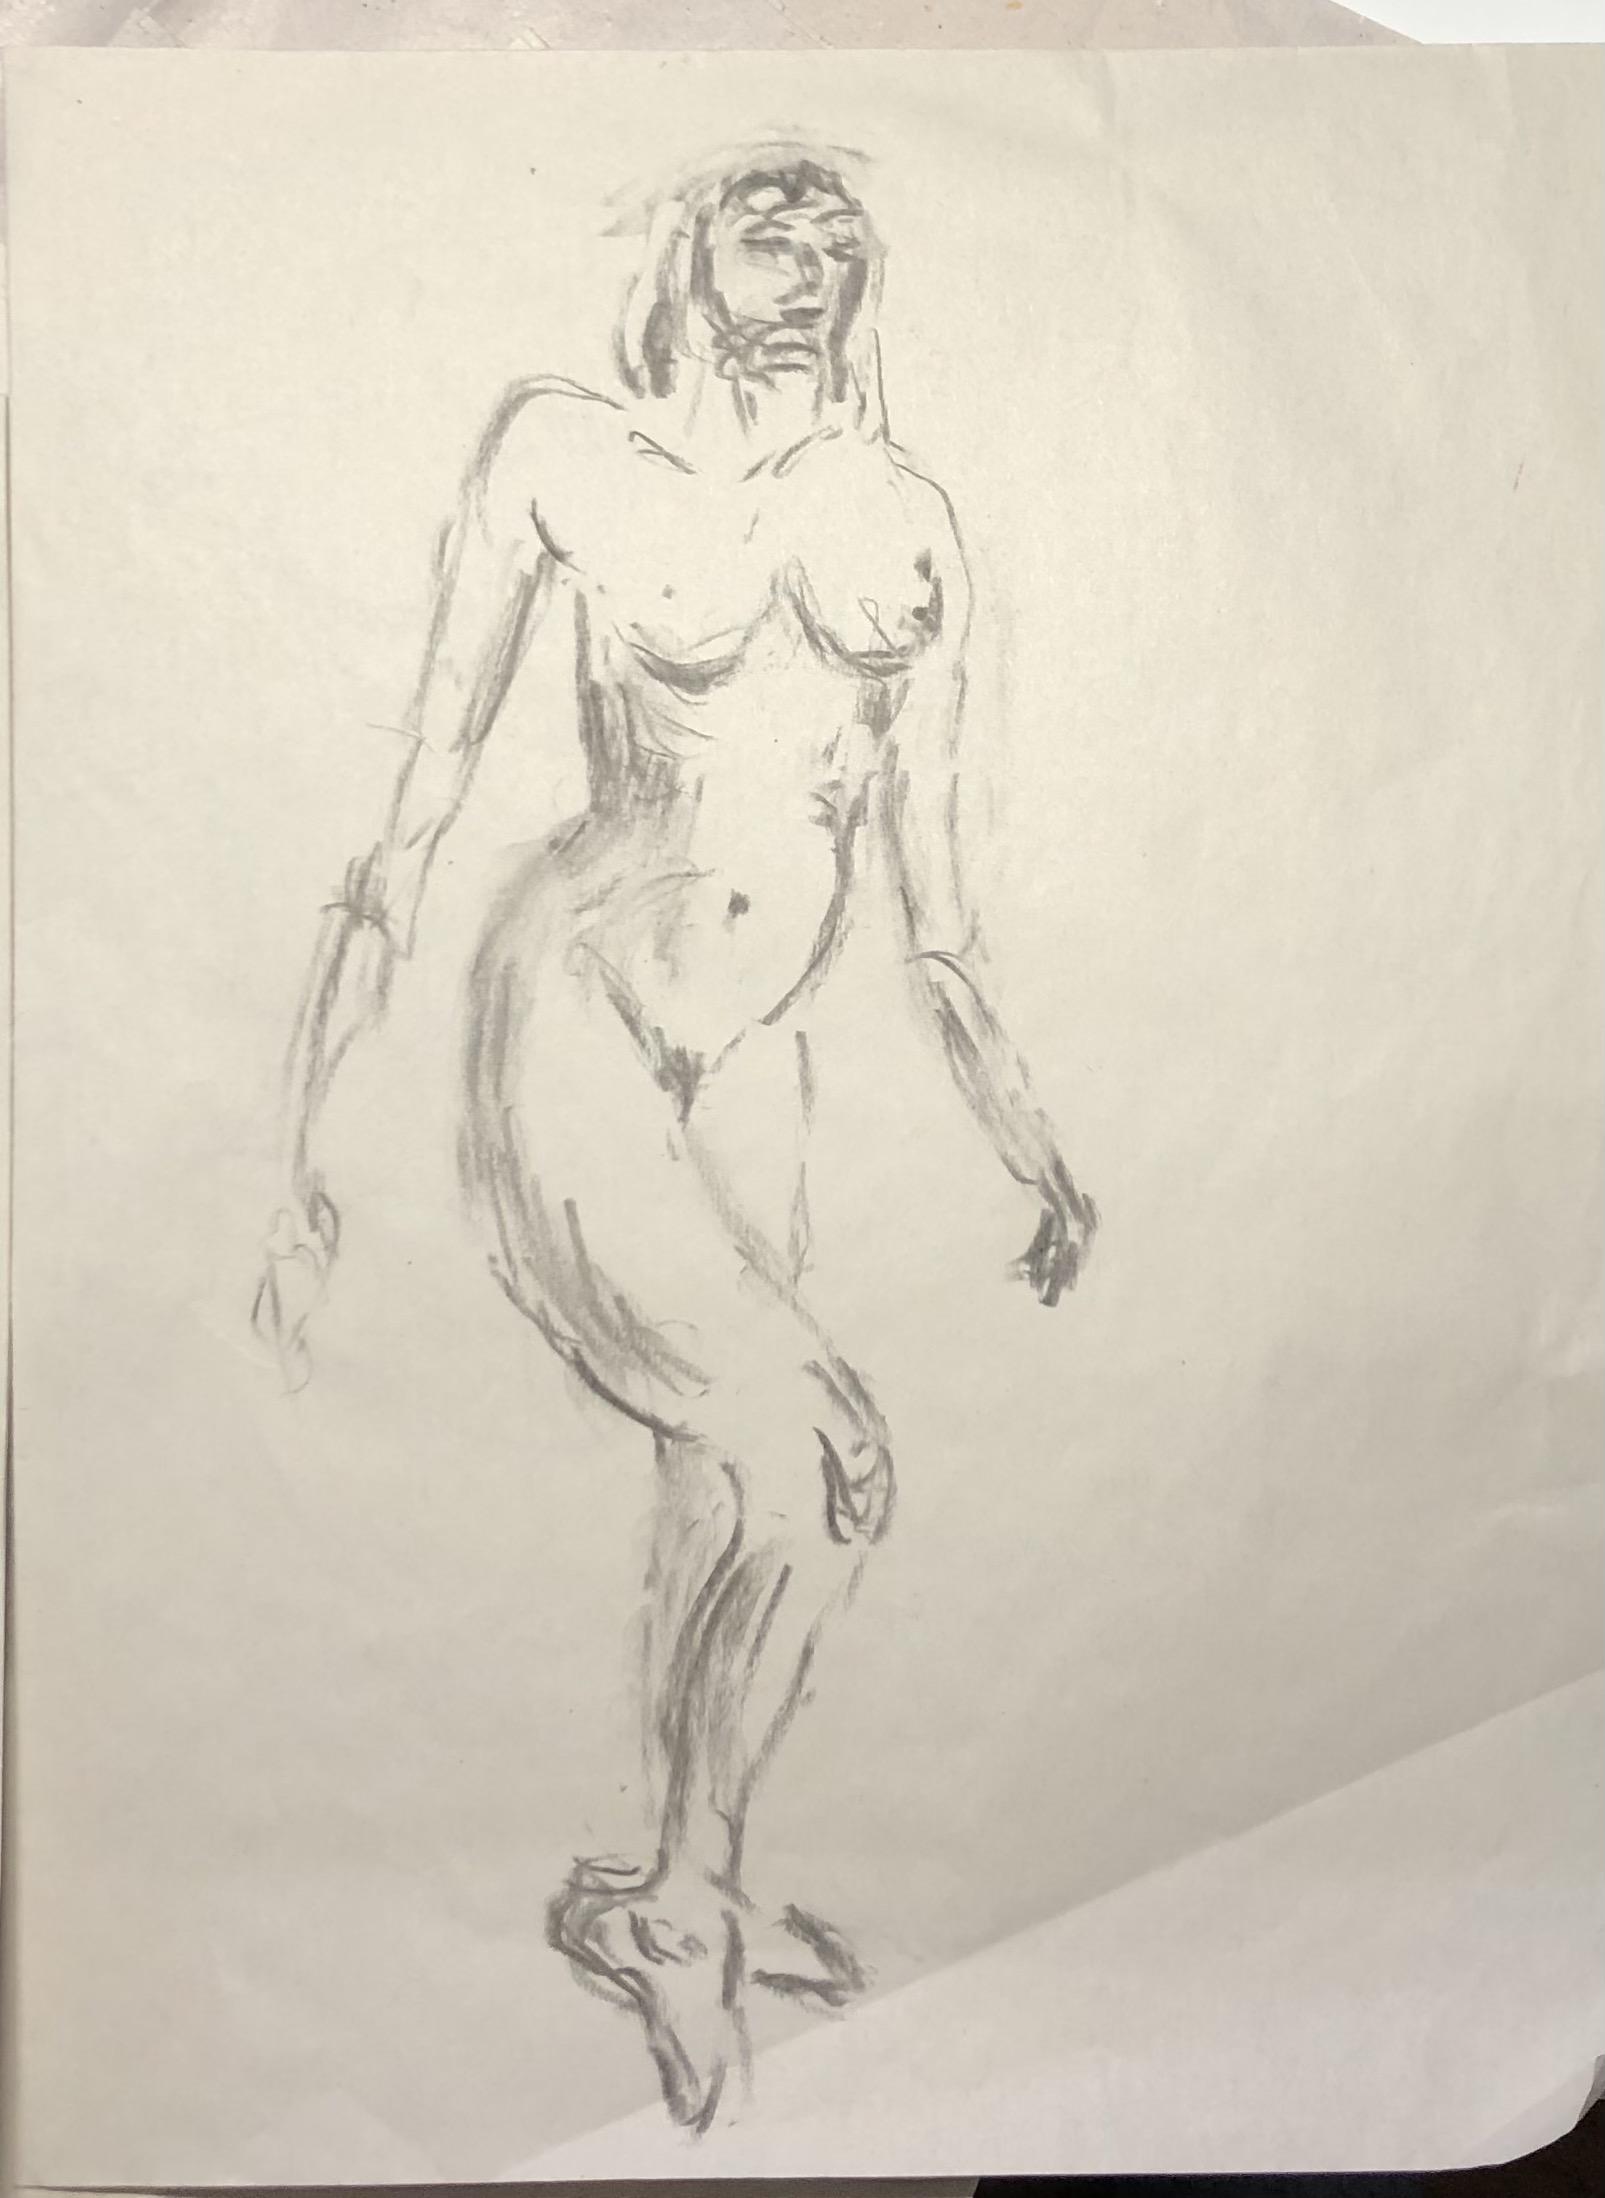 Trois quarts face fusain femme debout déhanché sur papier  cours de dessin